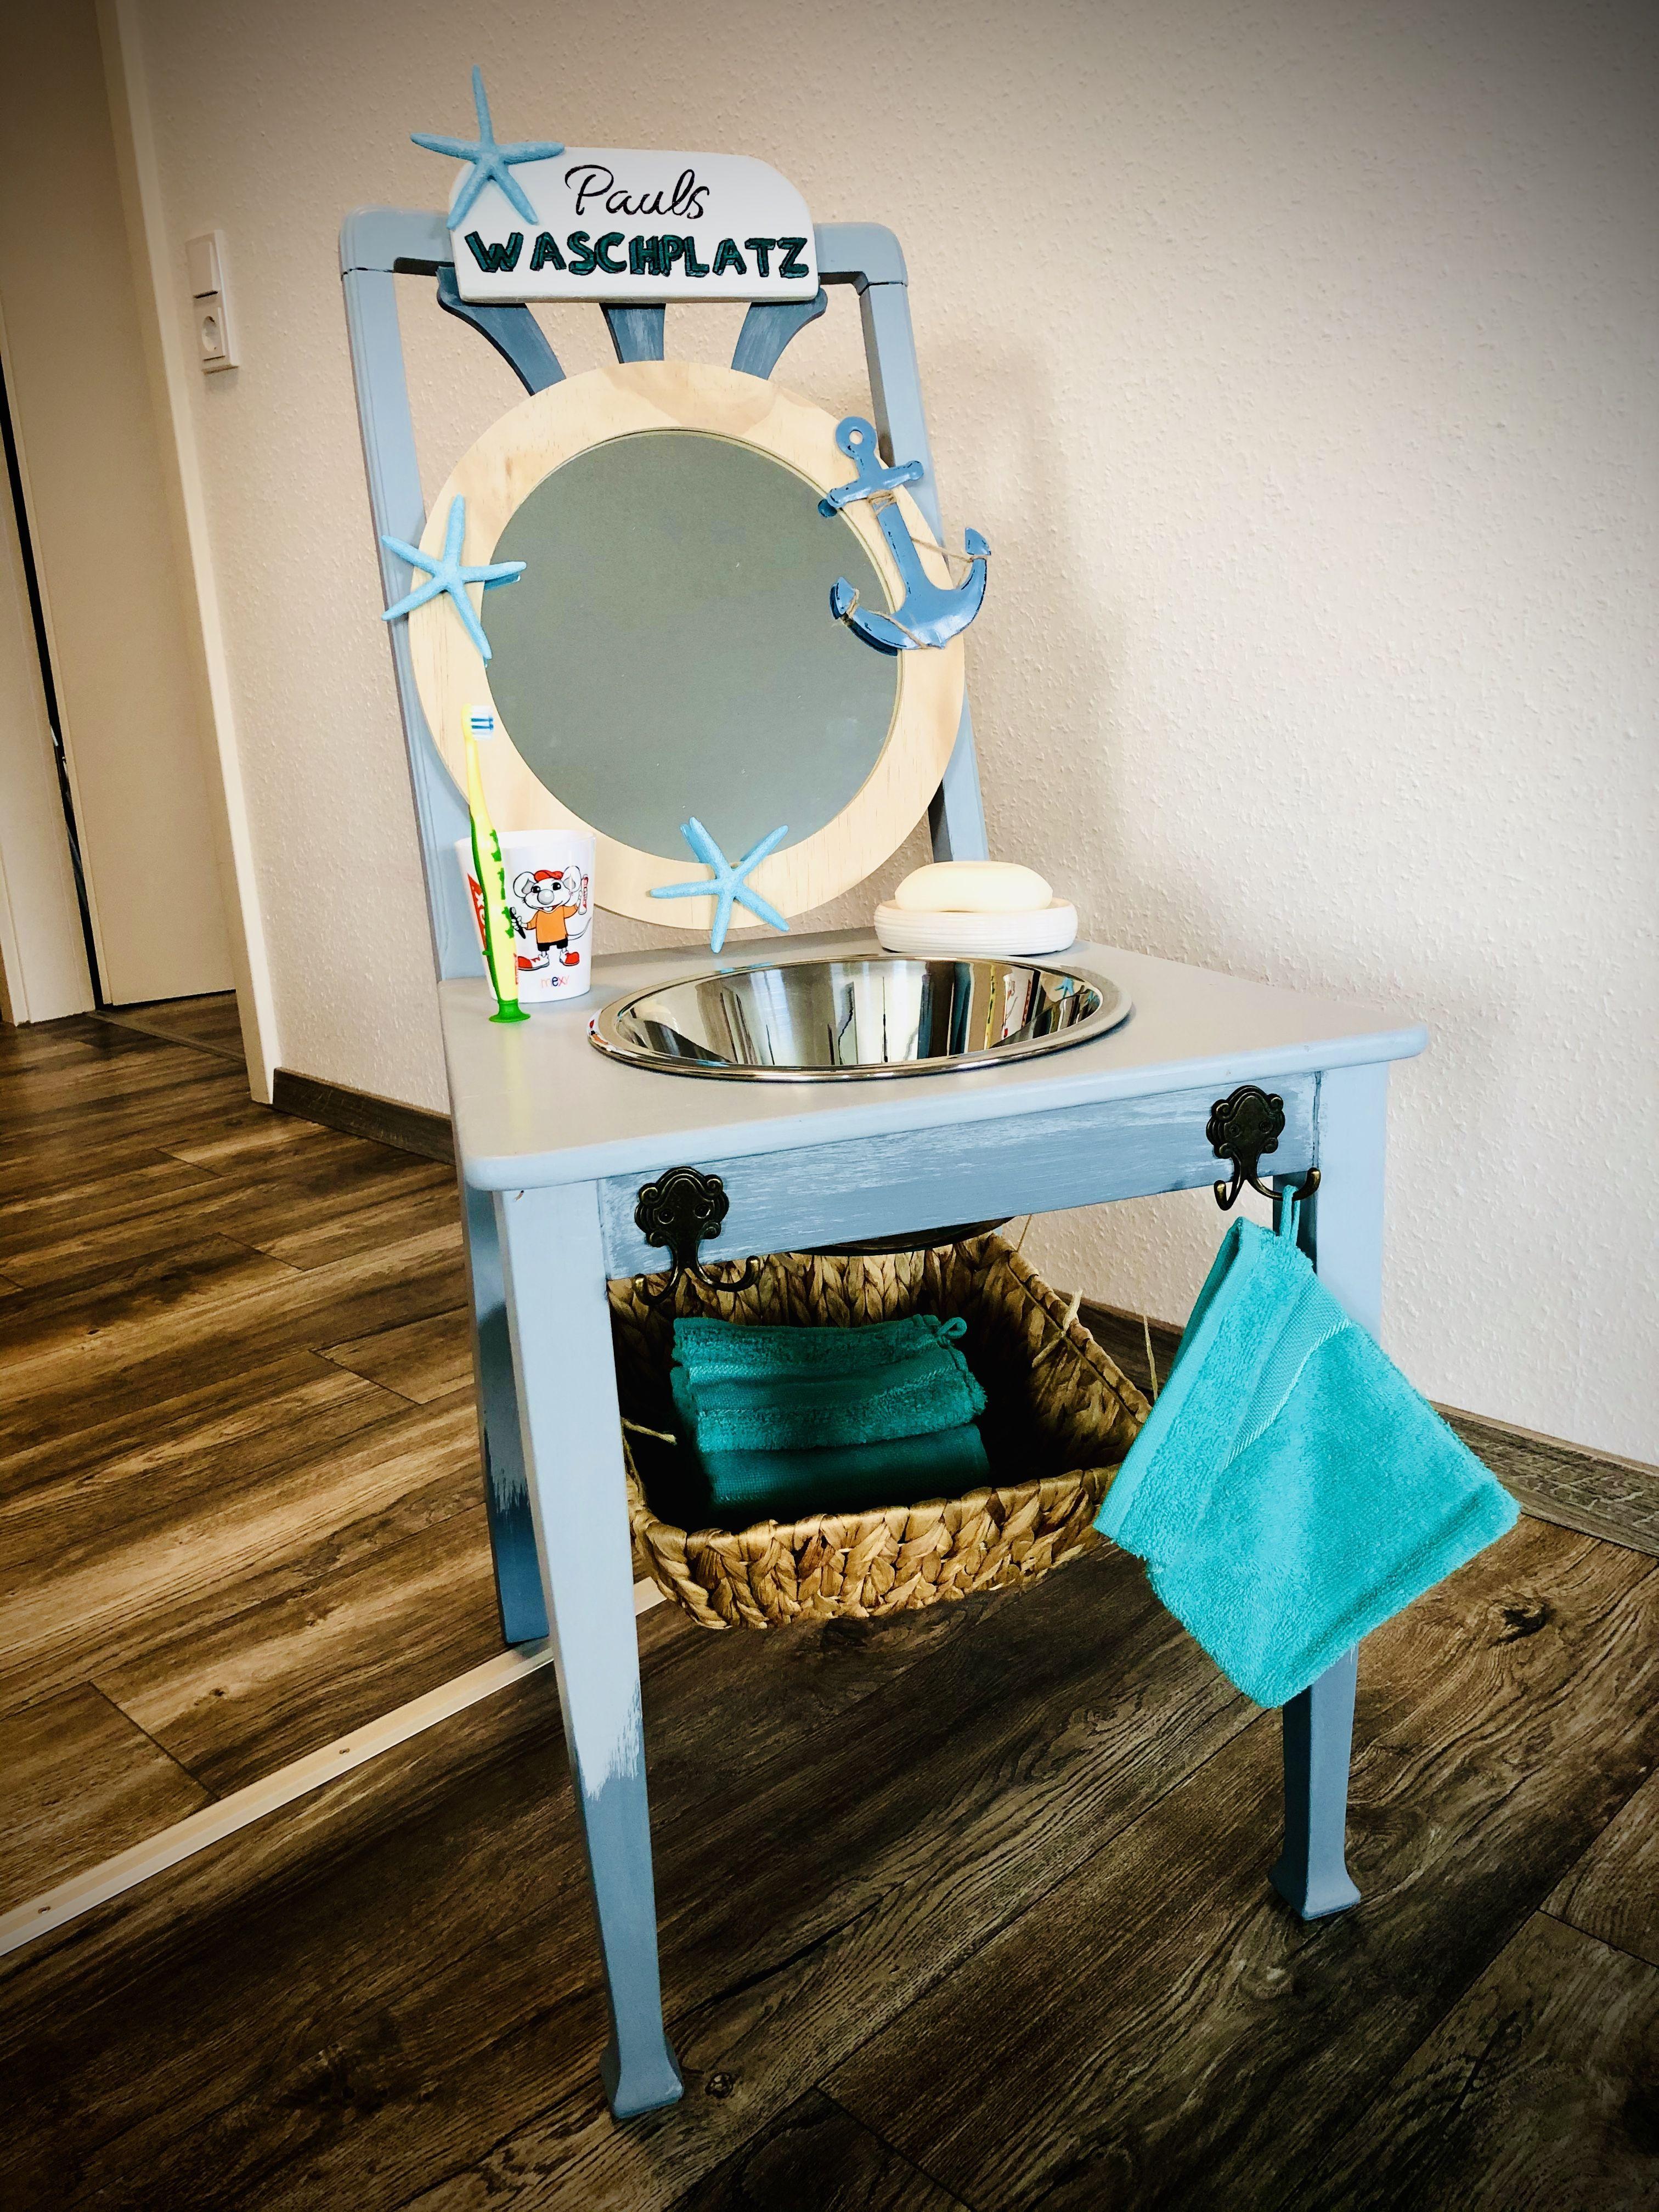 Kinder Waschtisch Waschtisch Kinderbad Alte Stuhle